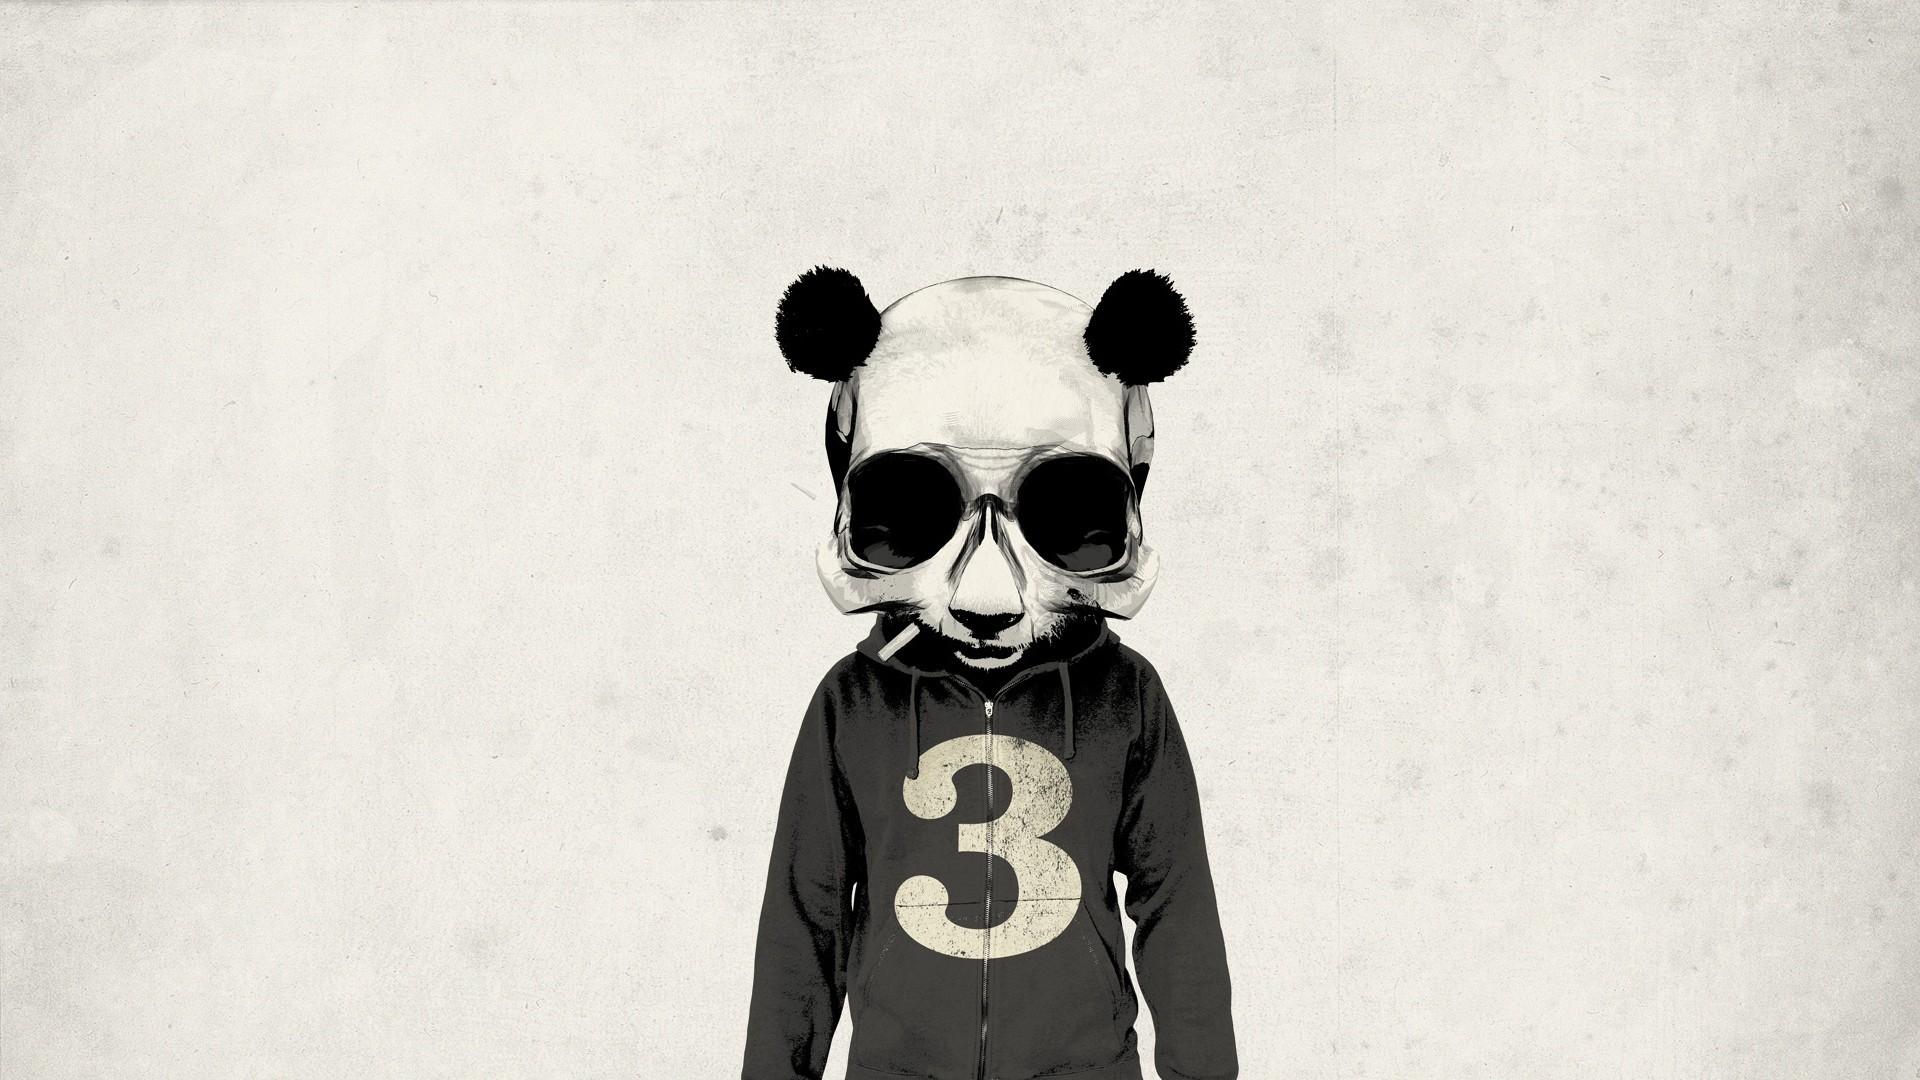 White Black Illustration Monochrome Artwork Jacket Moustache Skull Panda ART Image